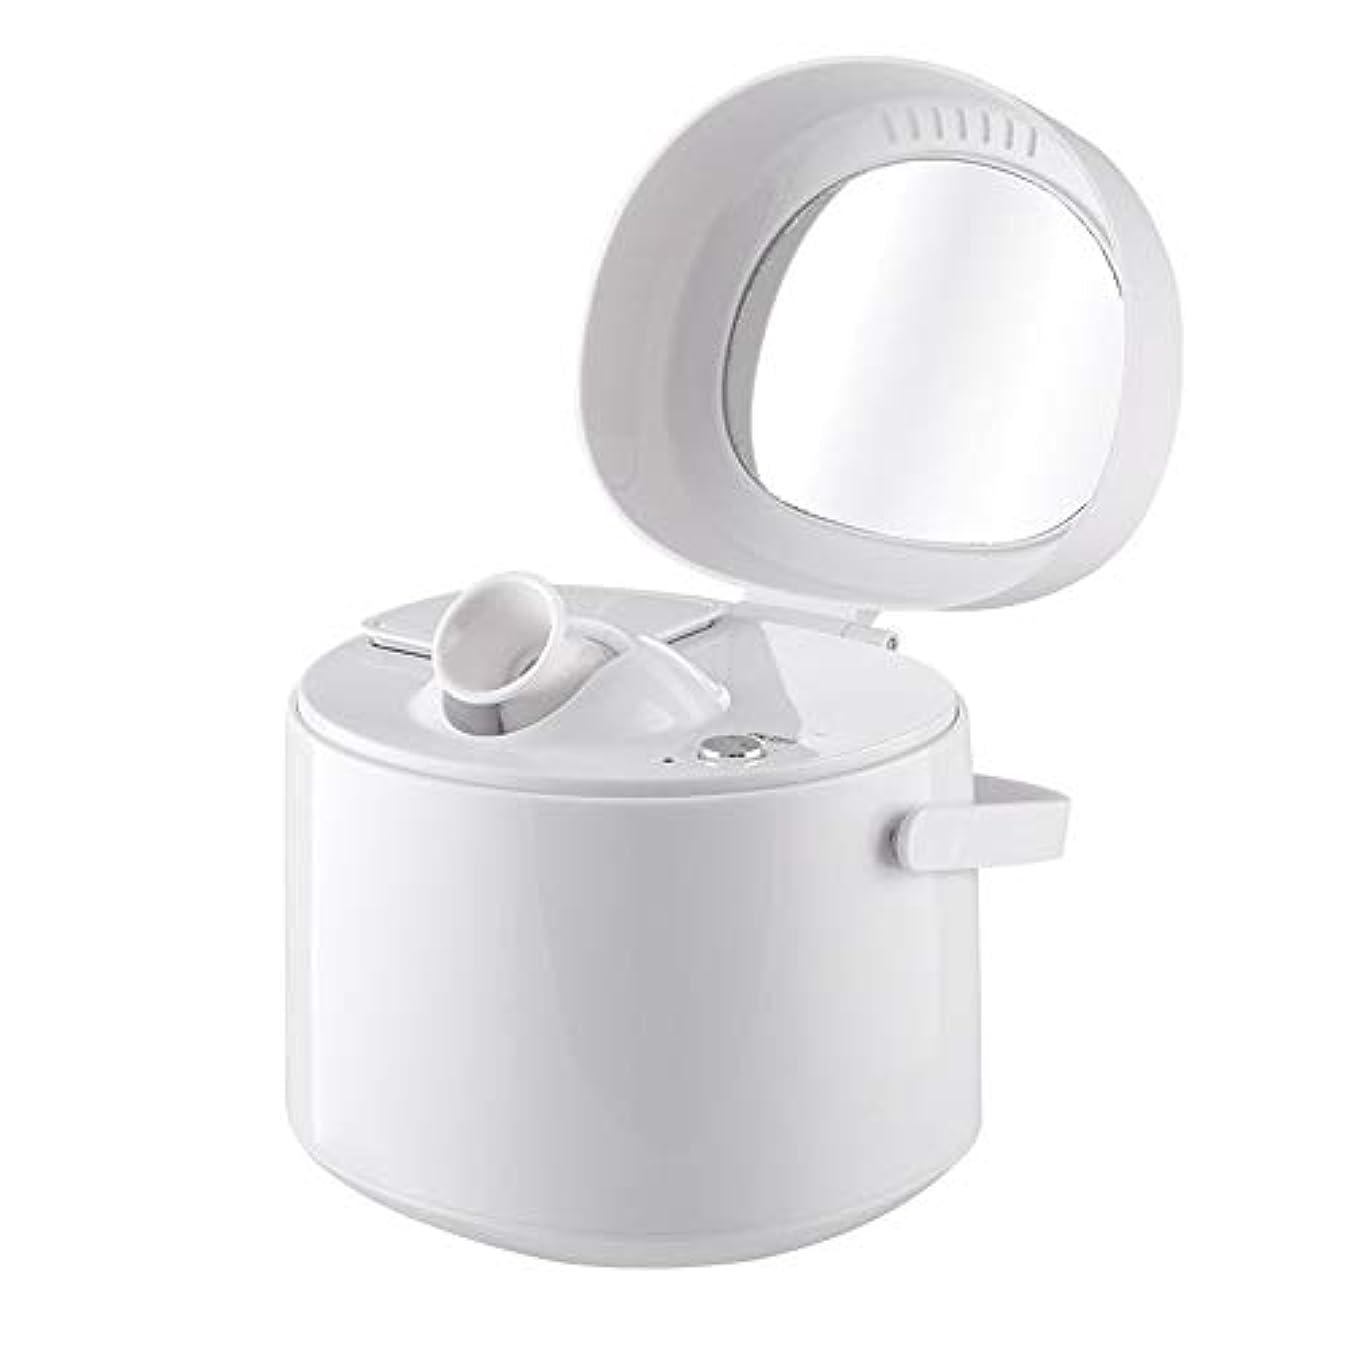 あそこ挽くハンカチZXF ホットスプレースチームフェイス美容器具ホームナノイオン保湿スプレー美容器具美容ミラーホワイト 滑らかである